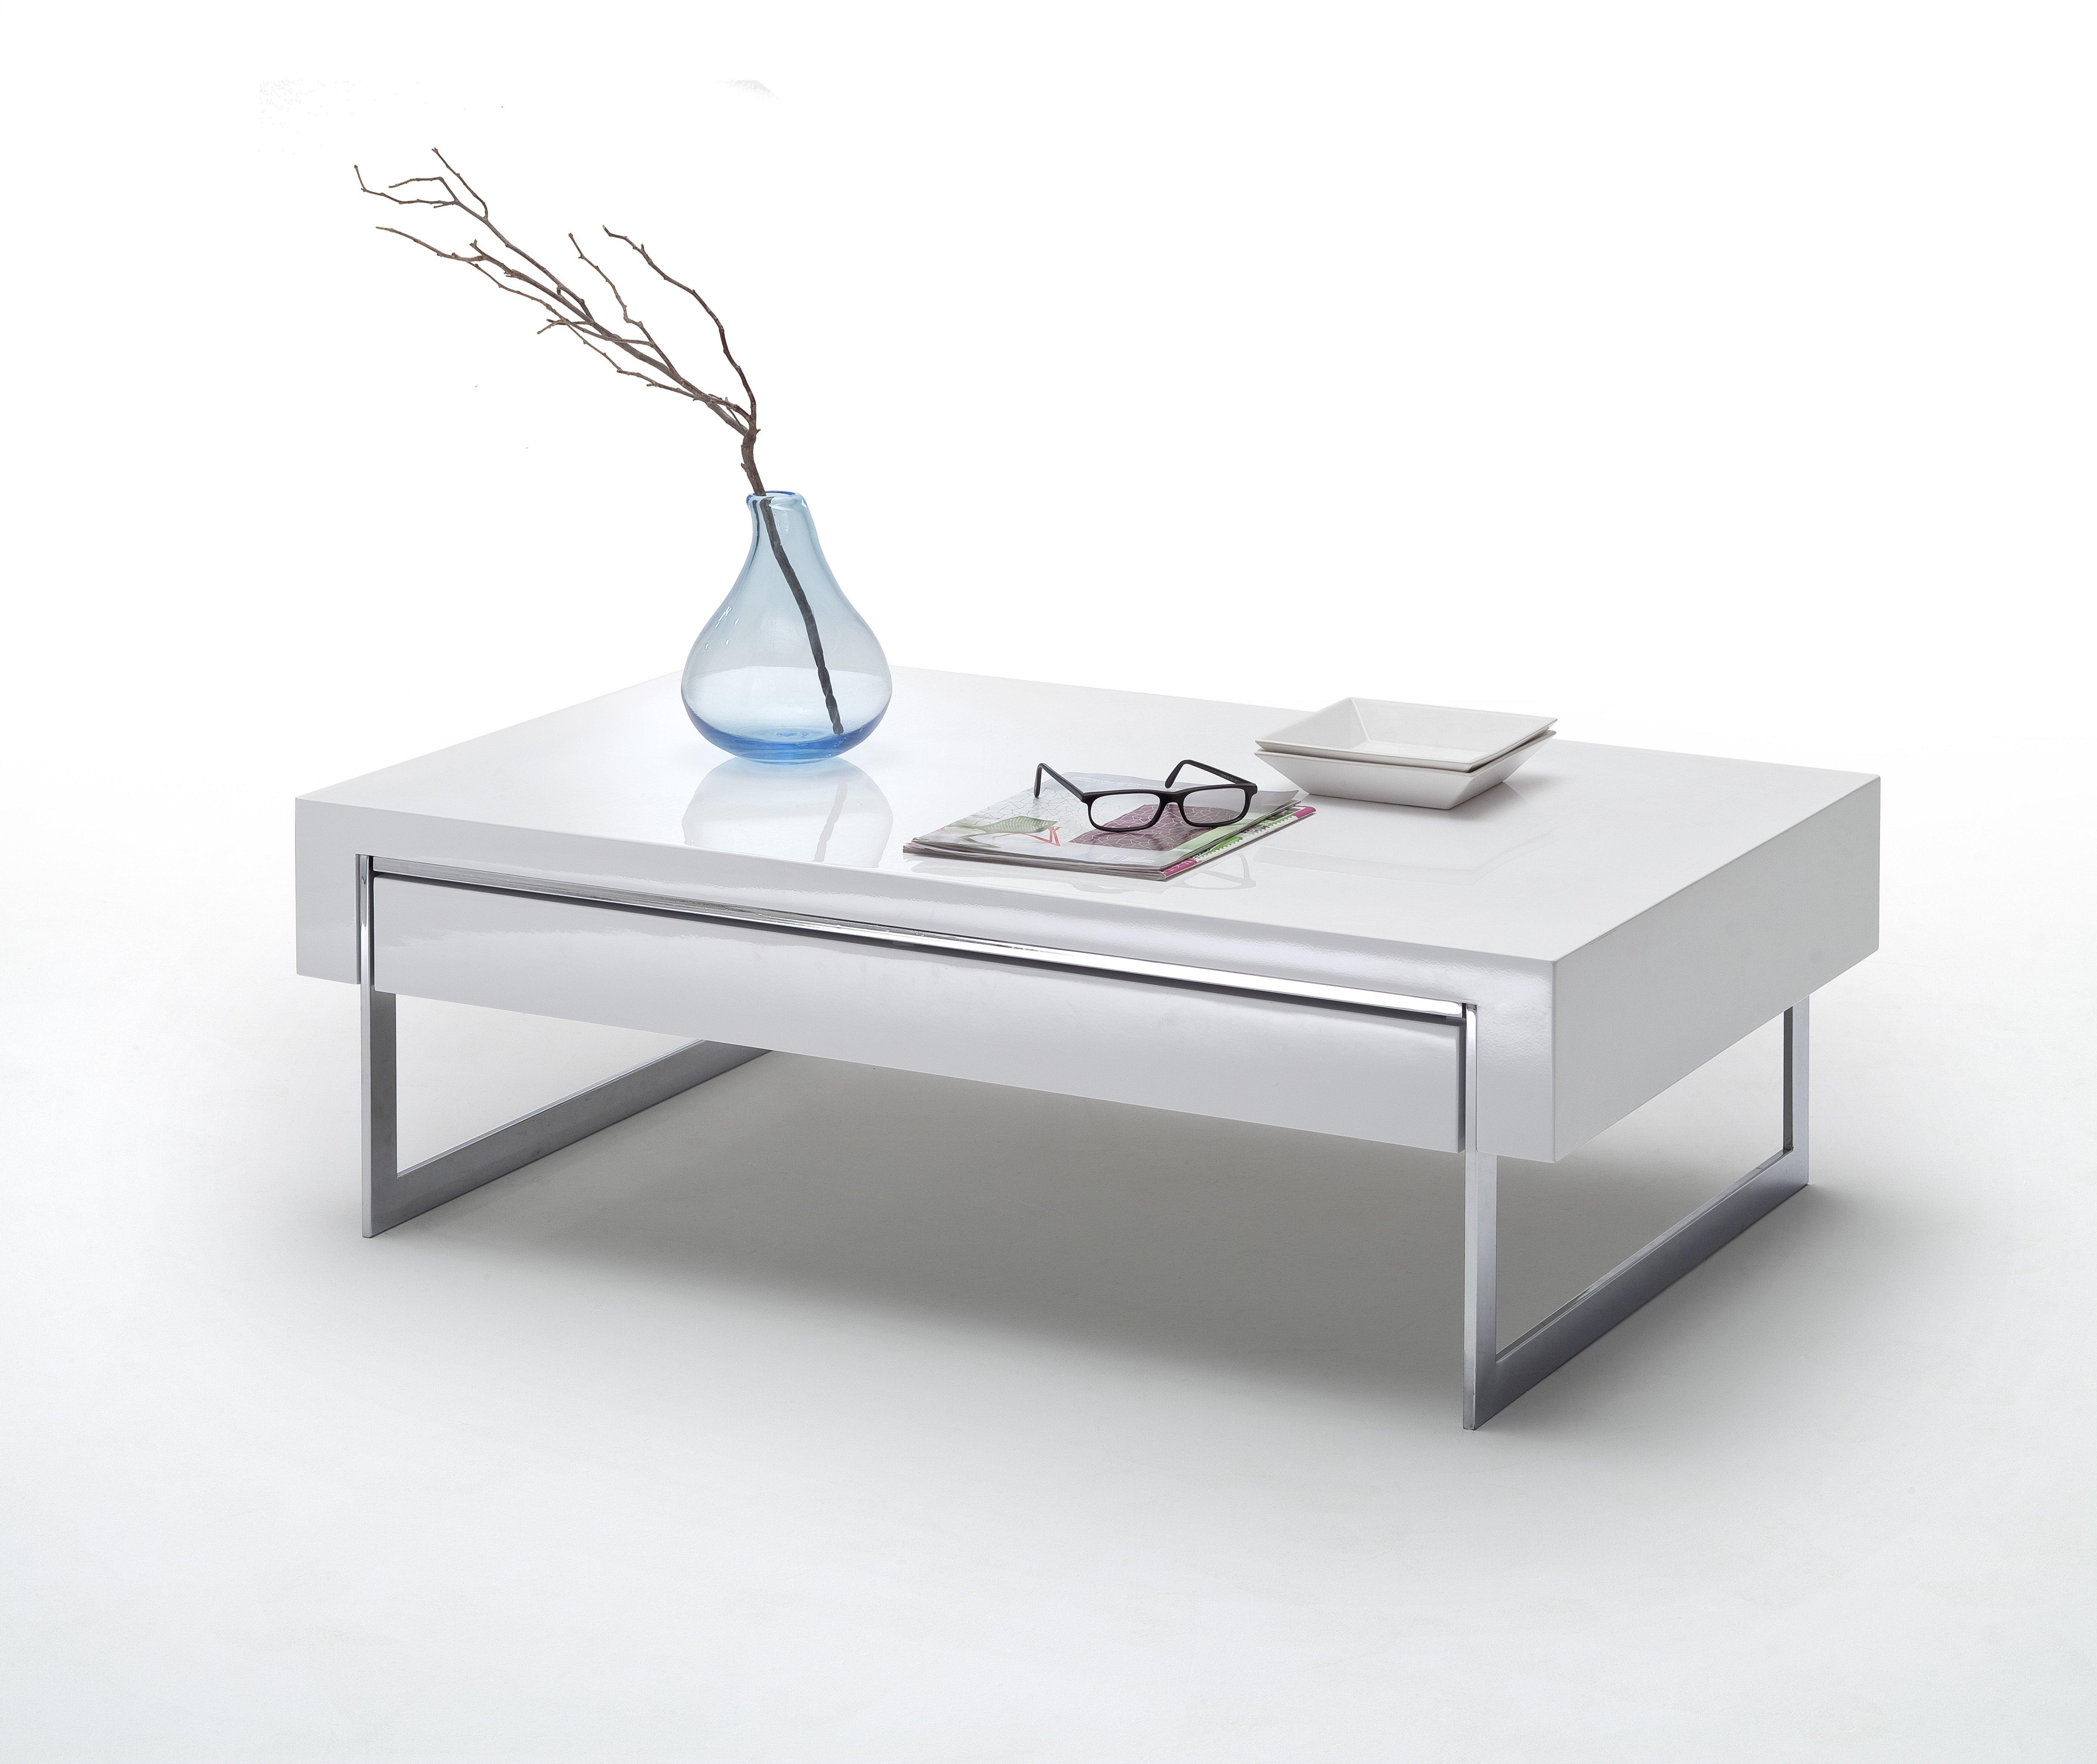 Couchtisch Cooper von MCA furniture